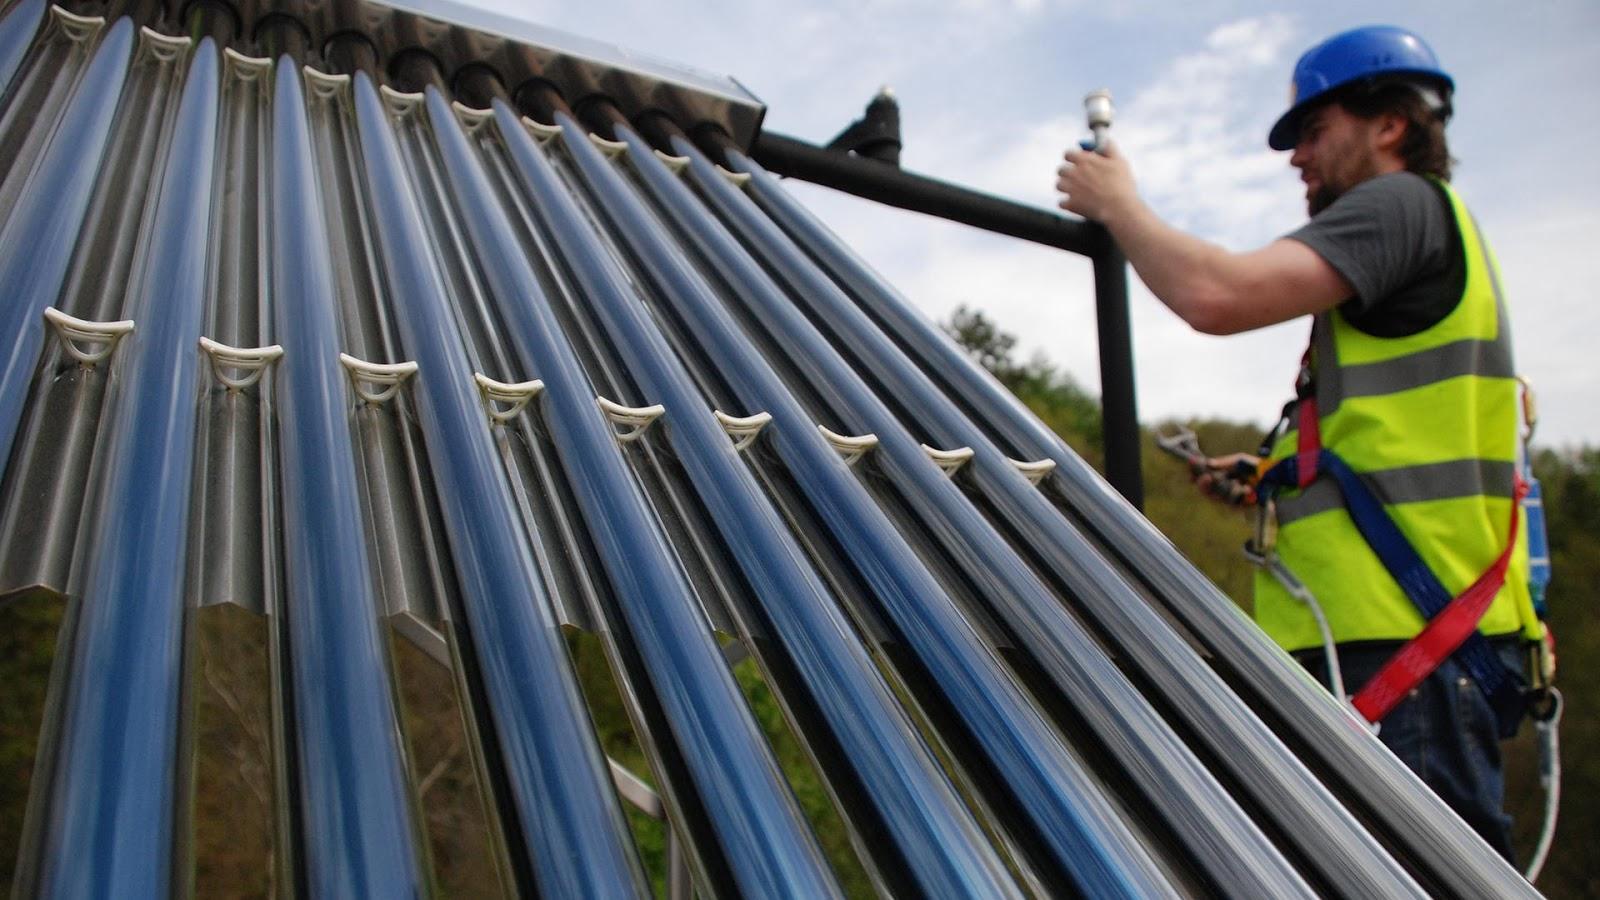 Kiểm tra van một chiều, ống thủy tinh khi máy nước nóng năng lượng mặt trời không giữ nhiệt